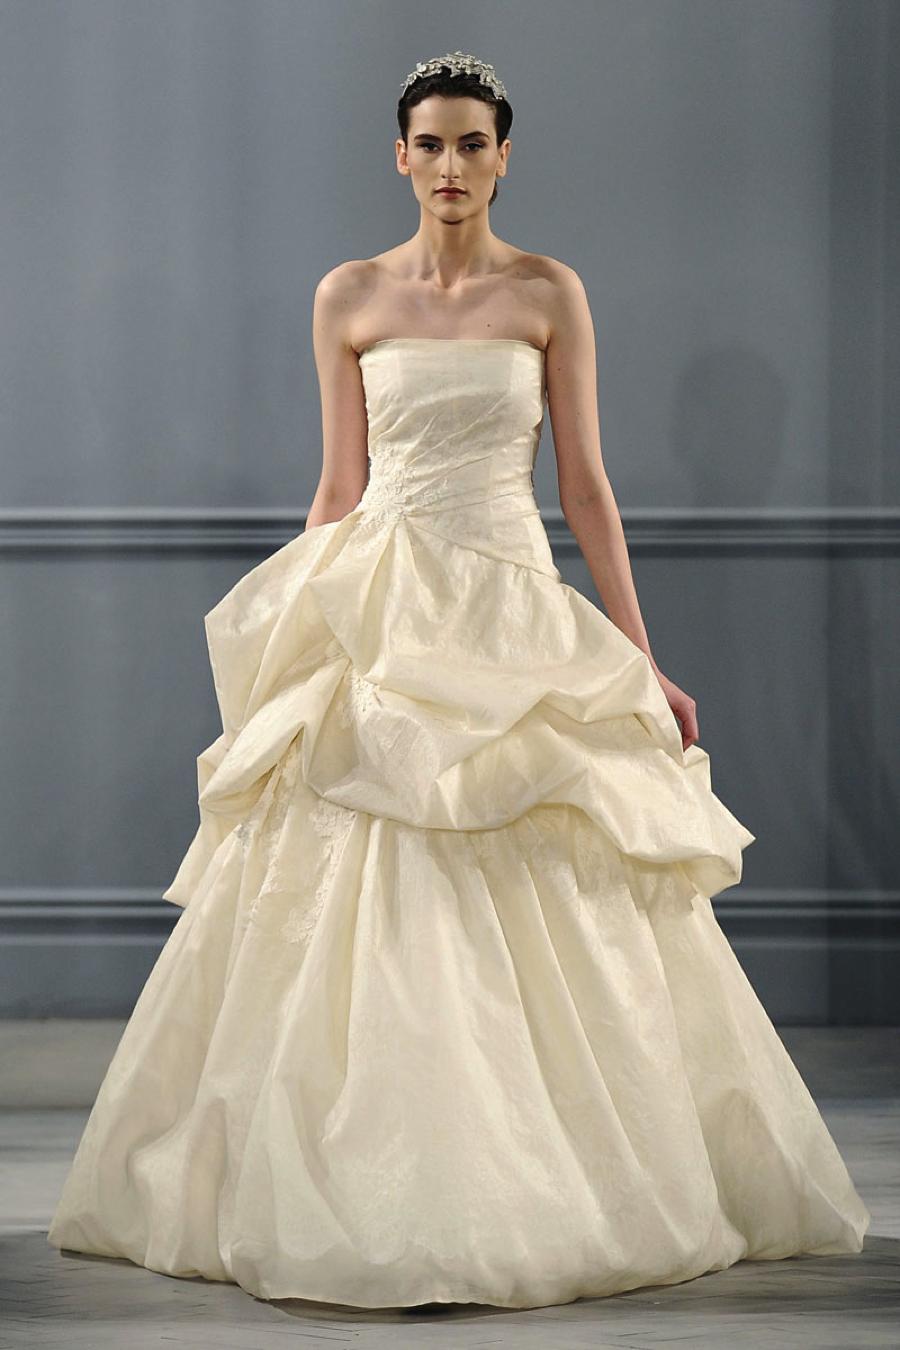 monique lhullier bridal.png